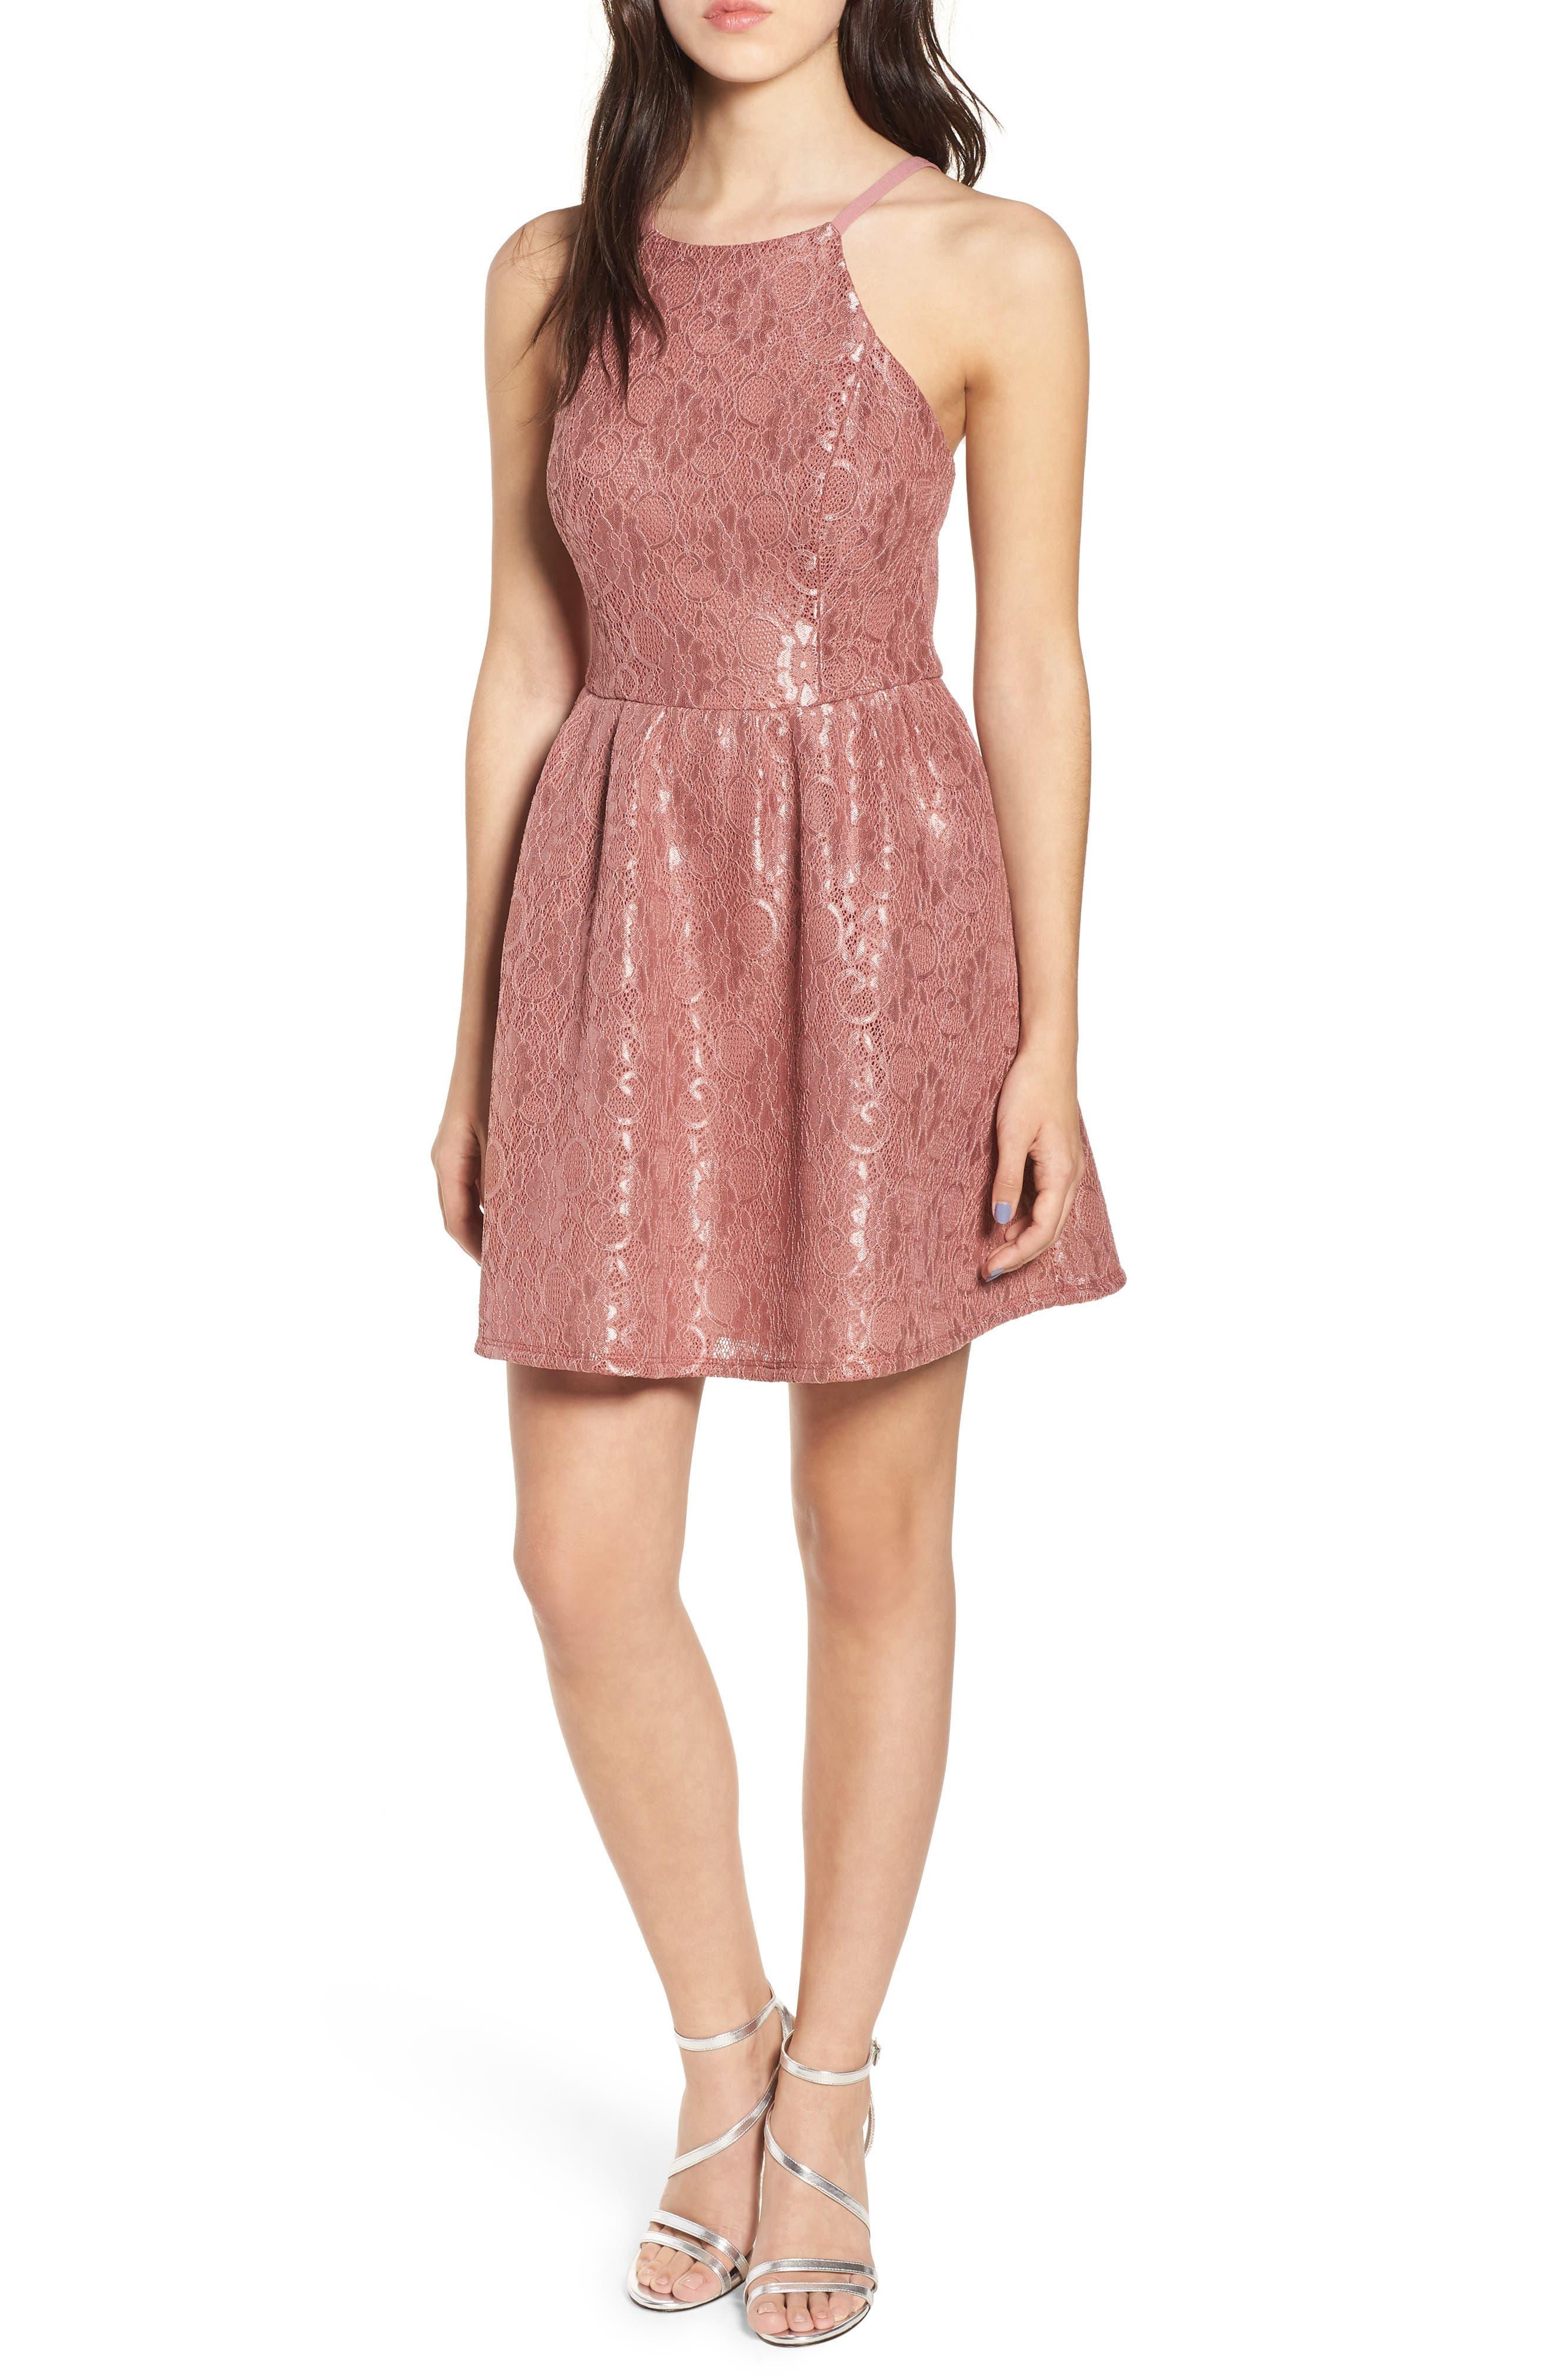 Lace Halter Low Back Party Dress,                             Main thumbnail 1, color,                             NEW MAUVE